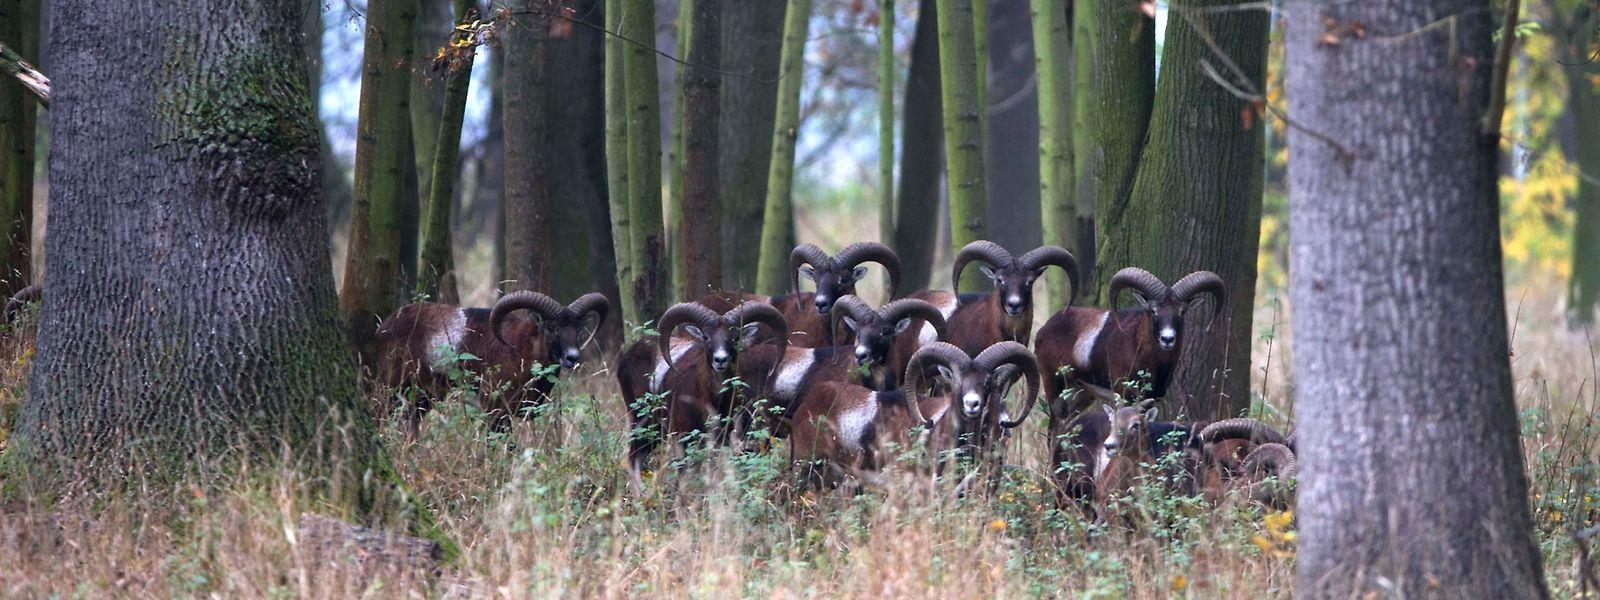 Mufflons in einem Wald in Luxemburg: Die stattlichen Tiere widerstehen der Jagd und vermehren sich, obwohl sie nicht an die hiesigen Verhältnisse angepasst sind.